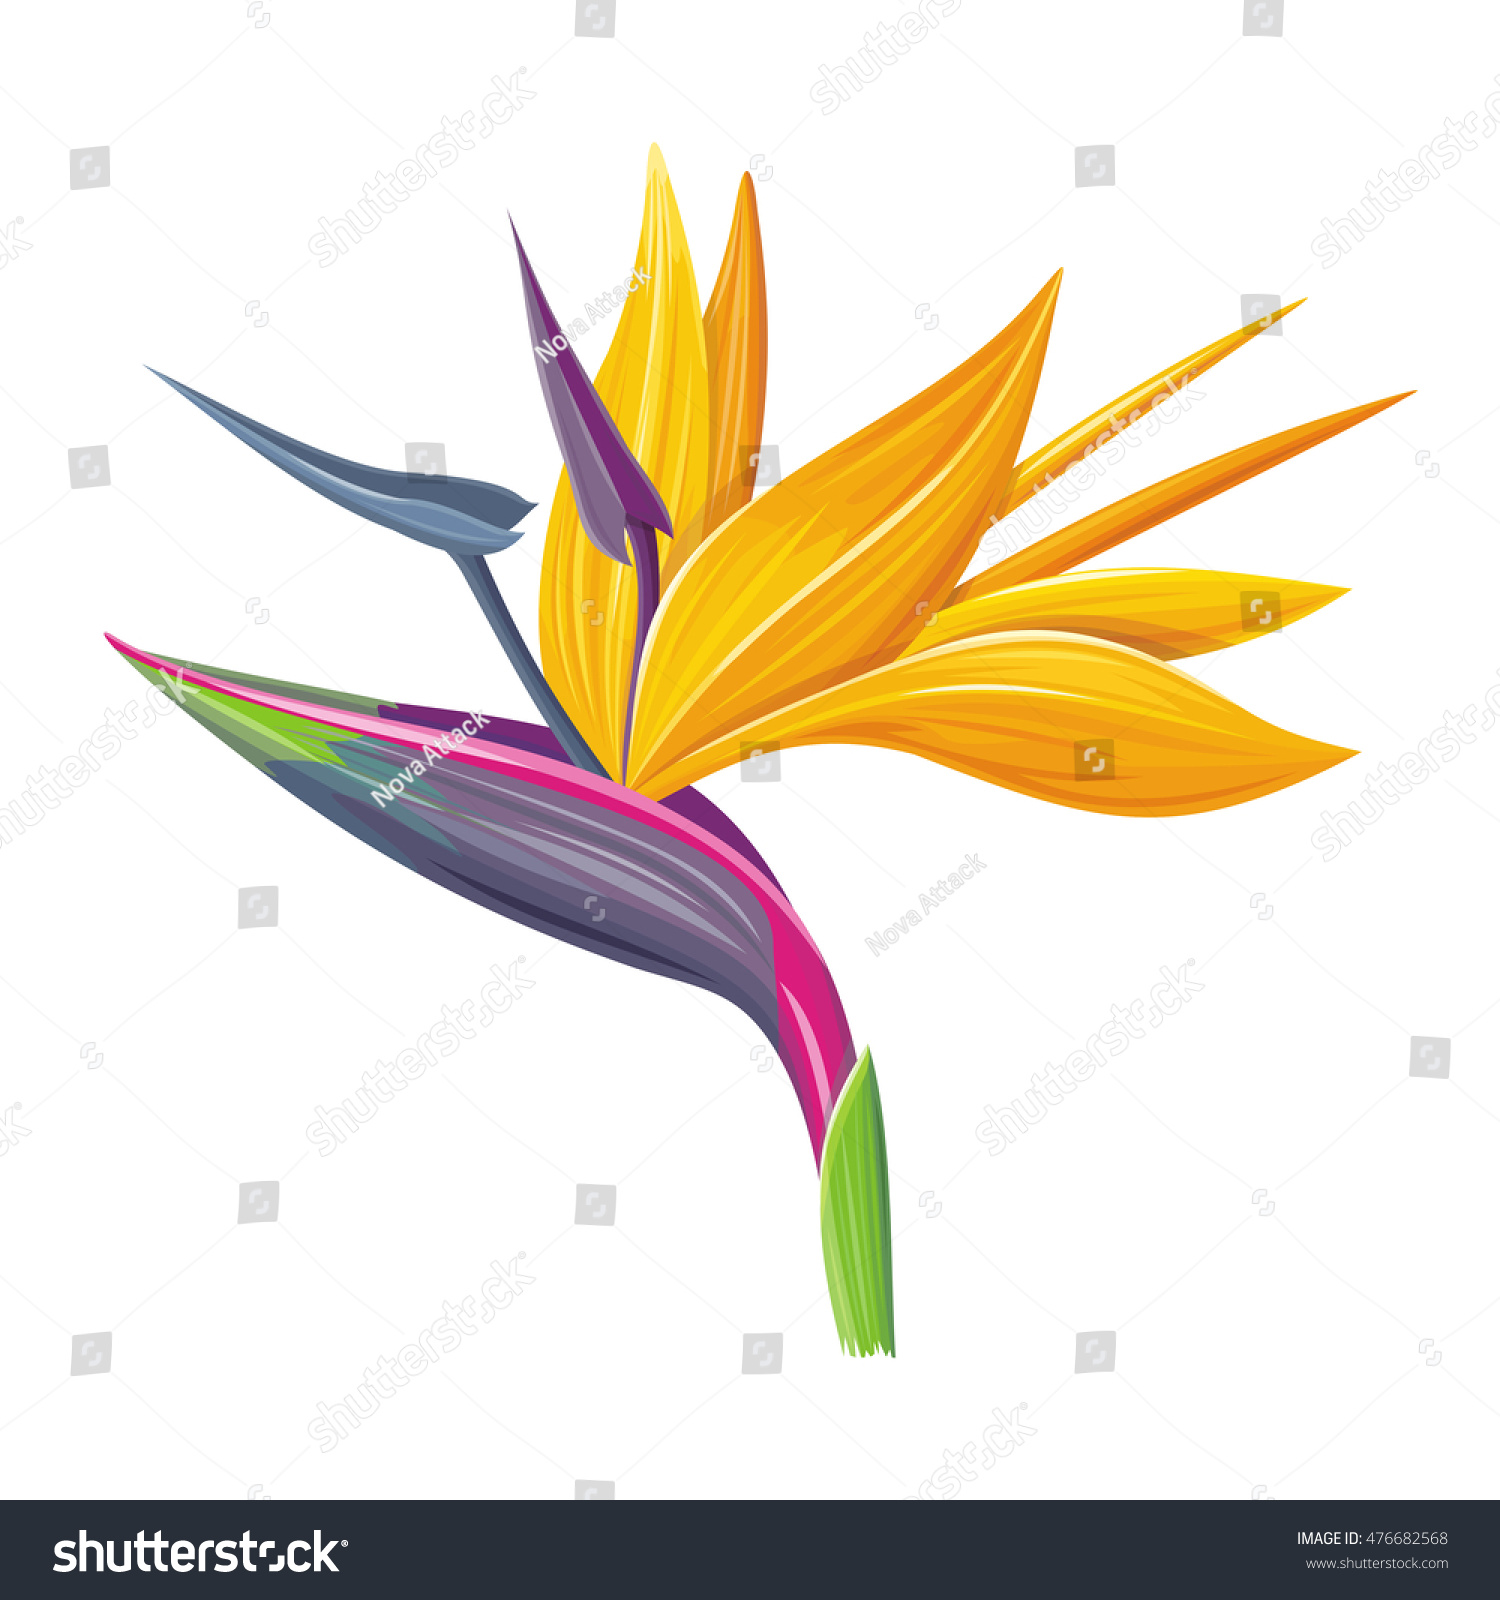 Bird paradise flower isolated on white stock vector 476682568 bird of paradise flower isolated on a white background vector illustration buycottarizona